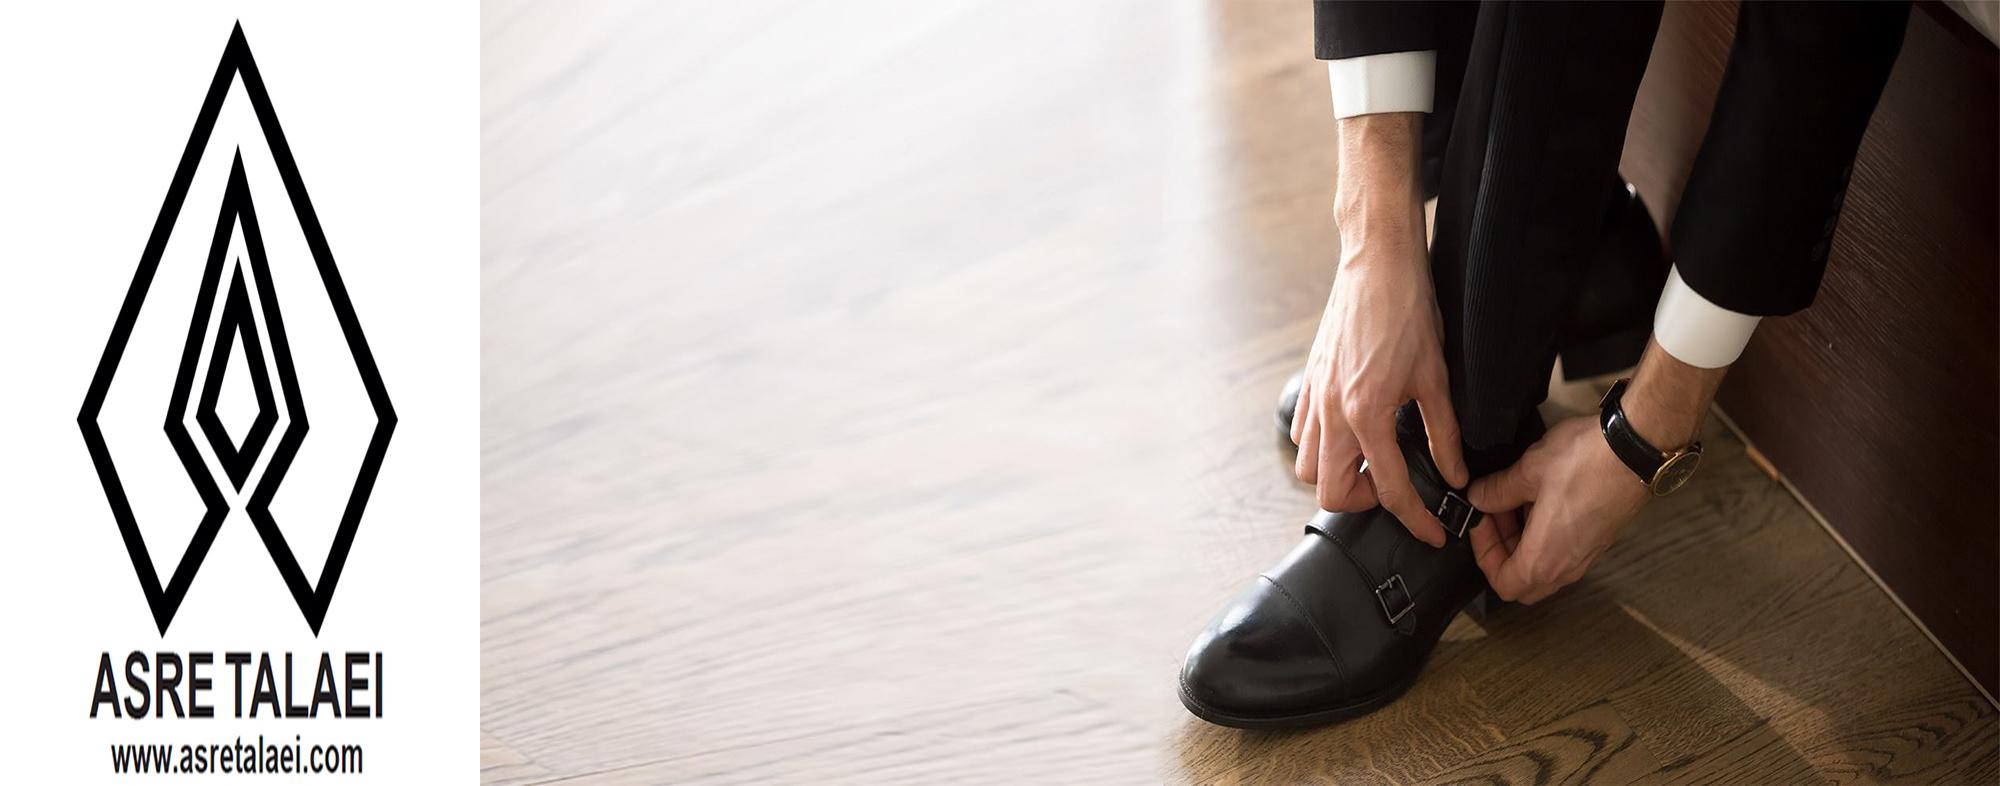 کفش عصر طلایی (کفش عصر طلائی)